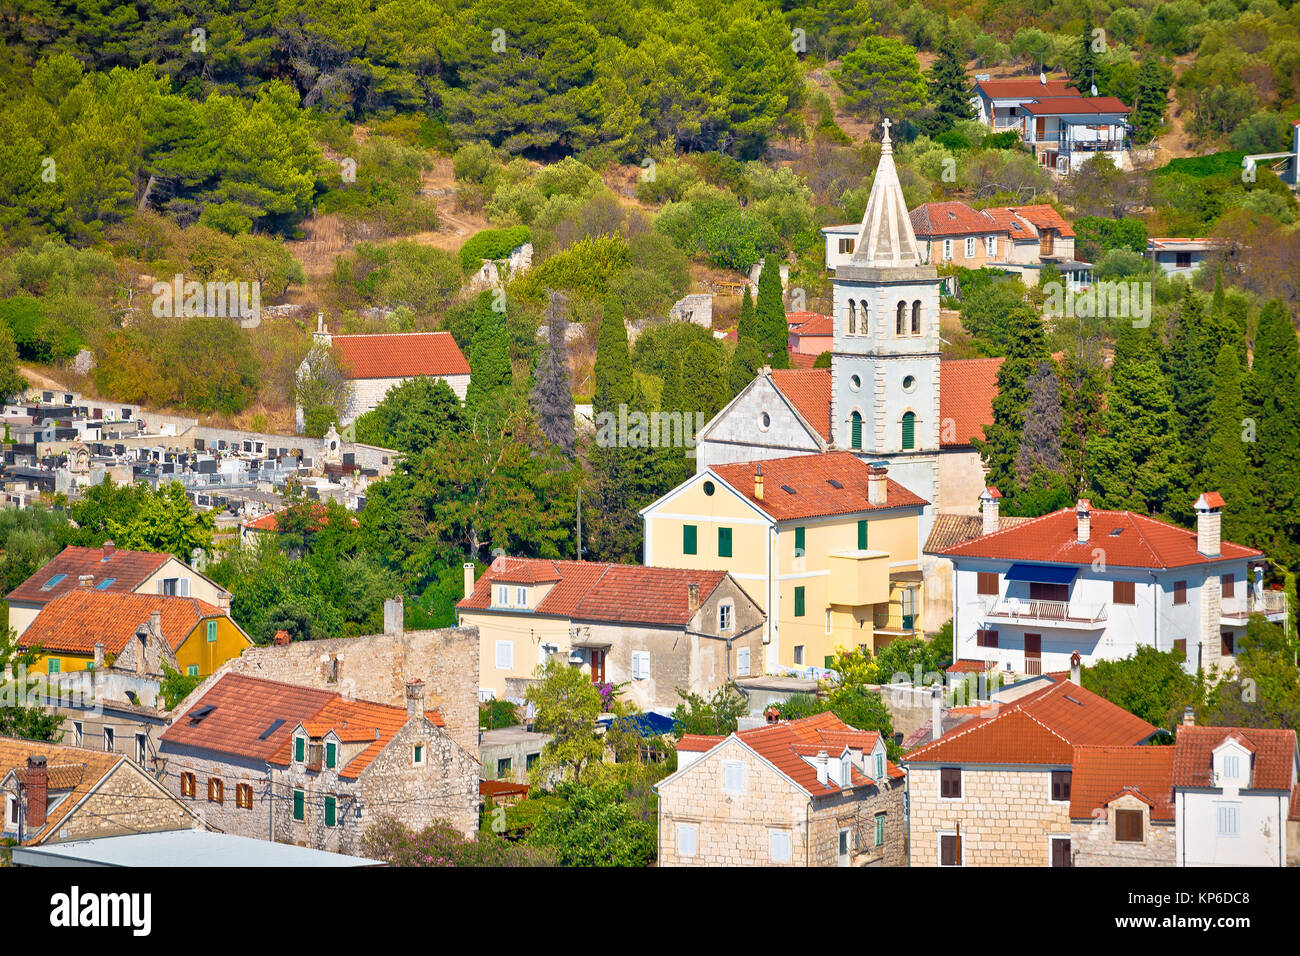 Insel Zlarin Stein Architektur, coral Archipel von Sibenik Dalmatien, Kroatien Stockbild